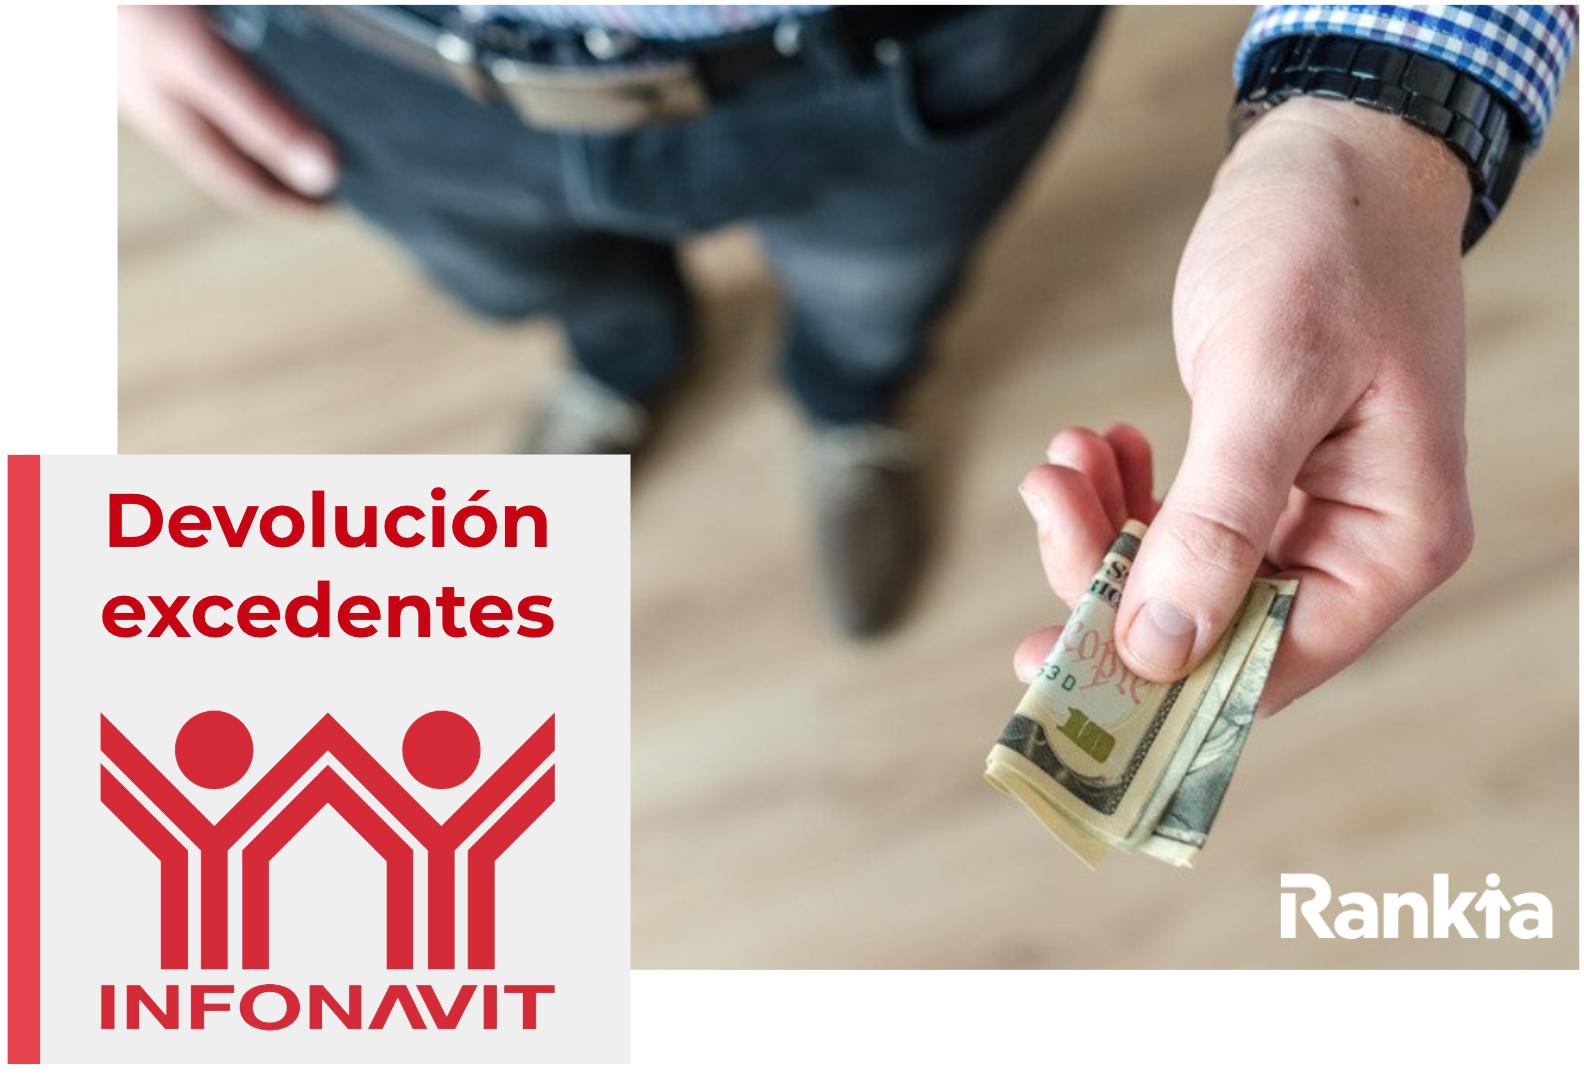 Devolución excedentes pago Infonavit